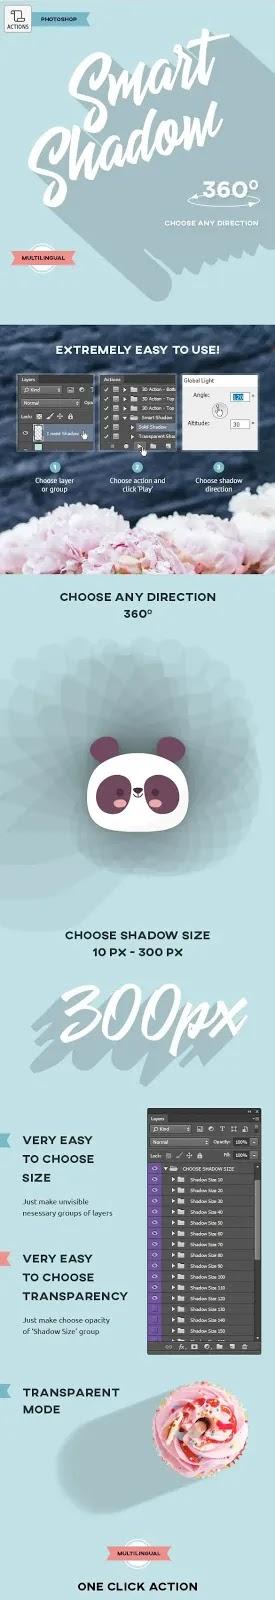 تحميل أكشن الظل الاحترافي Smart Shadow لأدوبي فوتوشوب